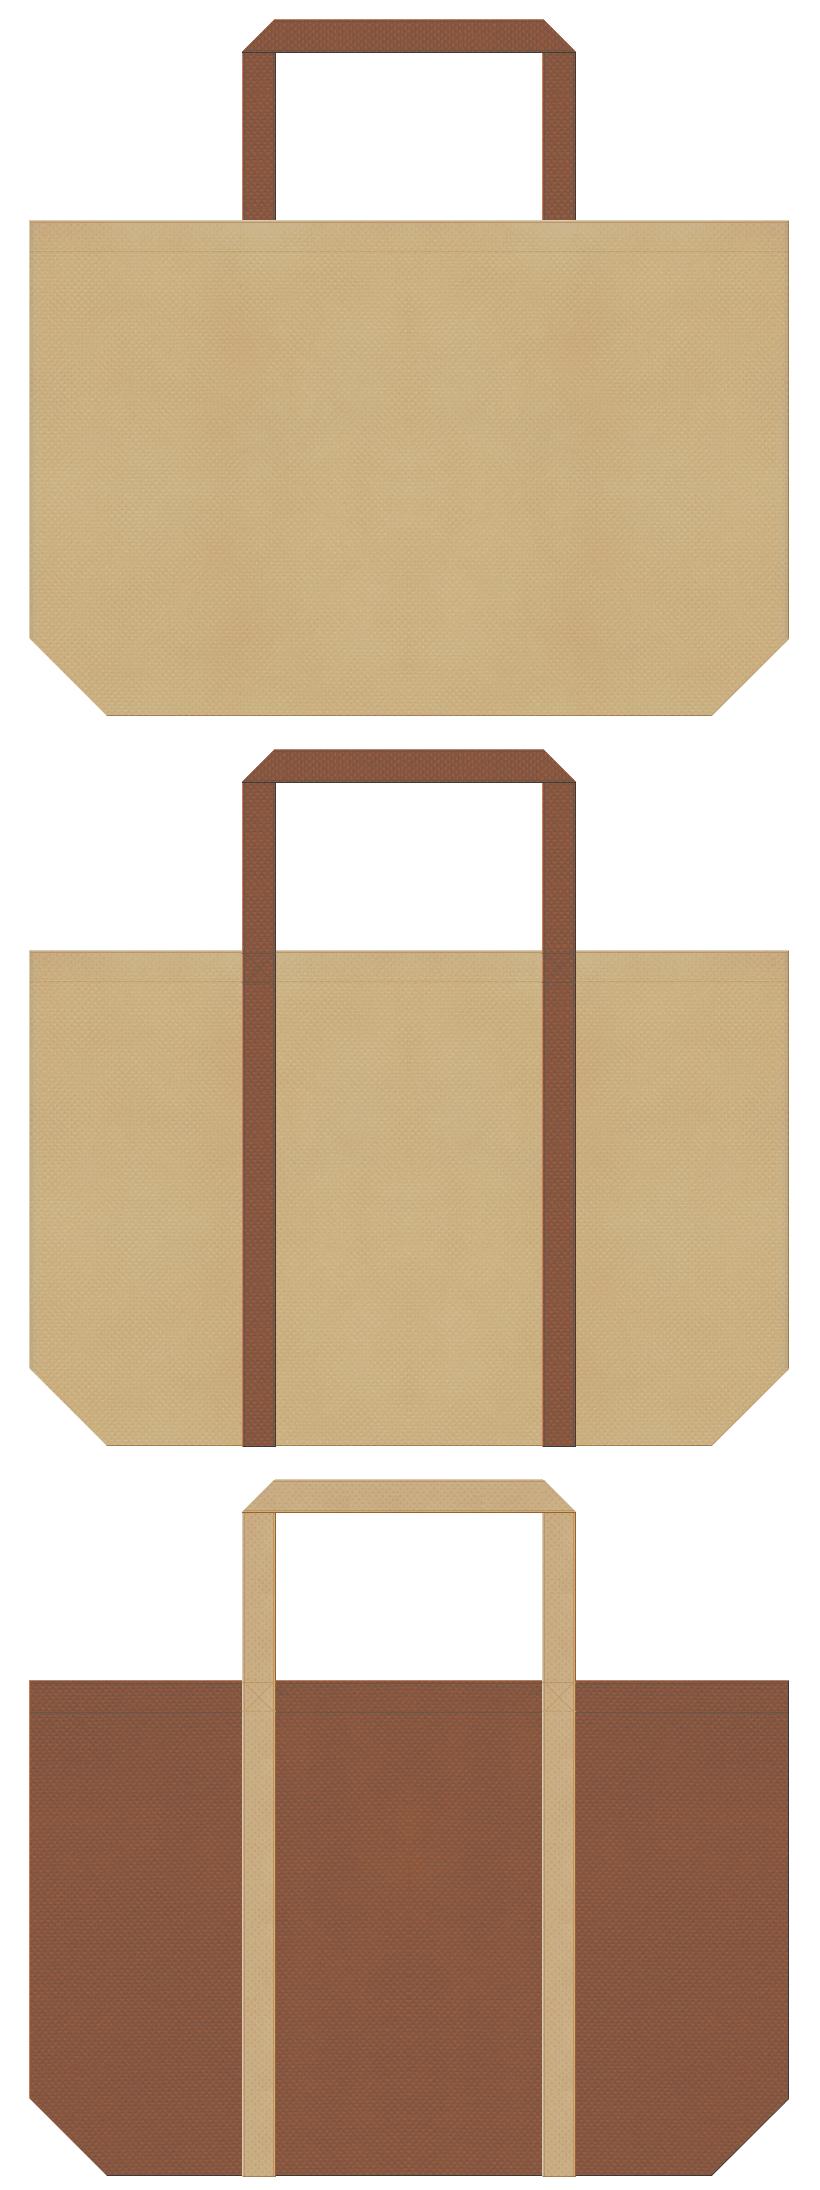 手芸・ぬいぐるみ・DIY・木製インテリア・住宅展示場・フードコート・レストラン・カフェテリア・もなか・饅頭・和菓子・煎餅・しょうゆ・めんつゆ・かつおぶし・しいたけ・じゃがいも・クッキー・スイーツ・ベーカリーのショッピングバッグにお奨めの不織布バッグデザイン:カーキ色と茶色のコーデ